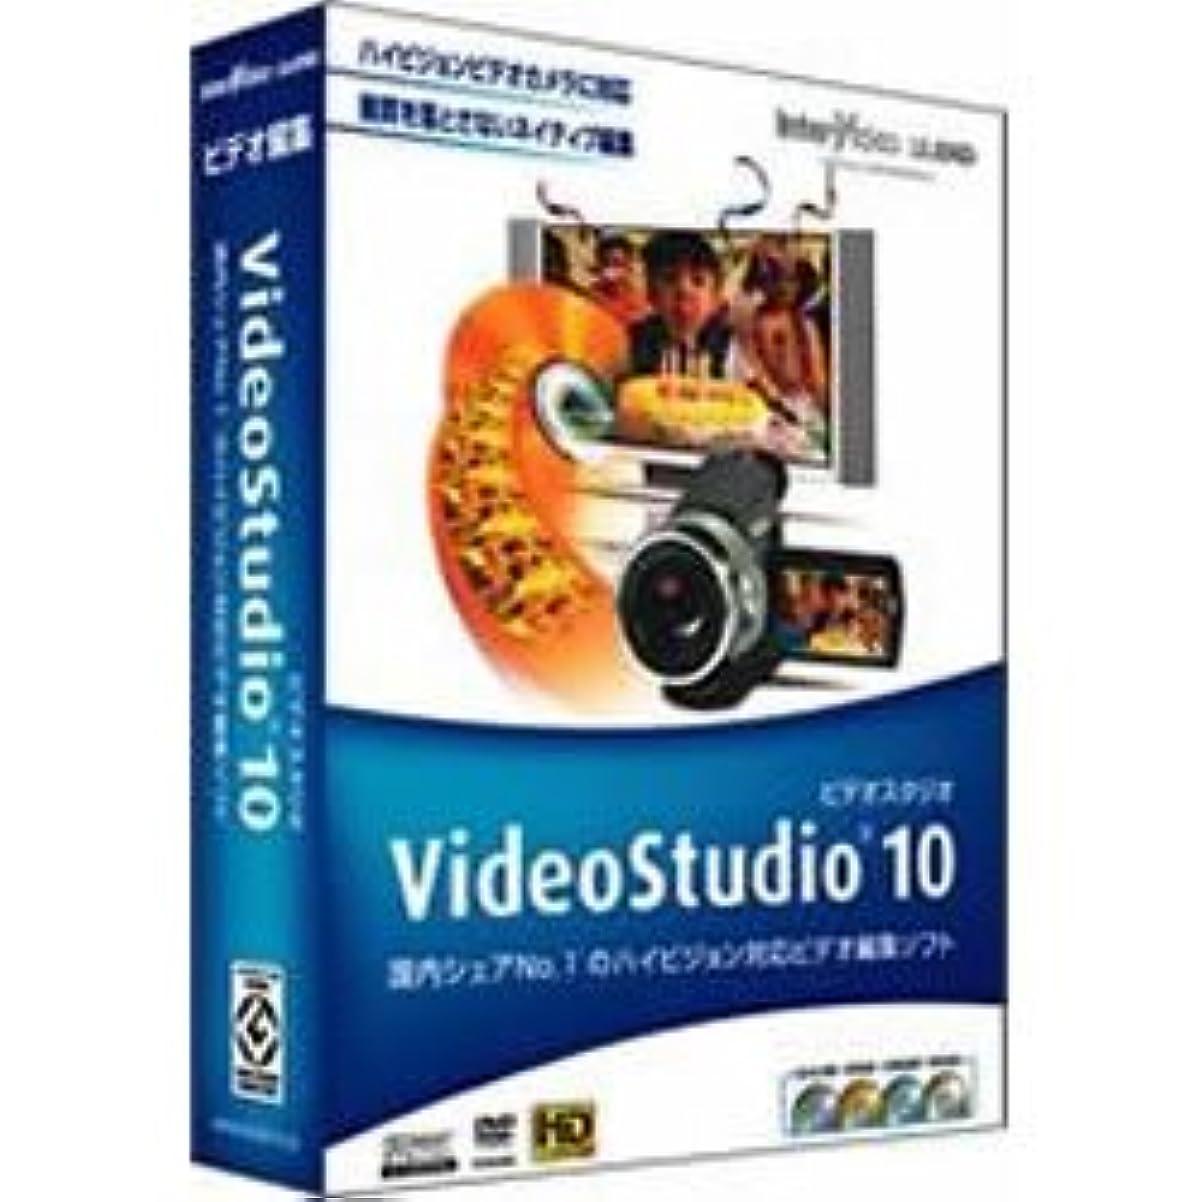 対応倫理承認するVideoStudio10 入門セット